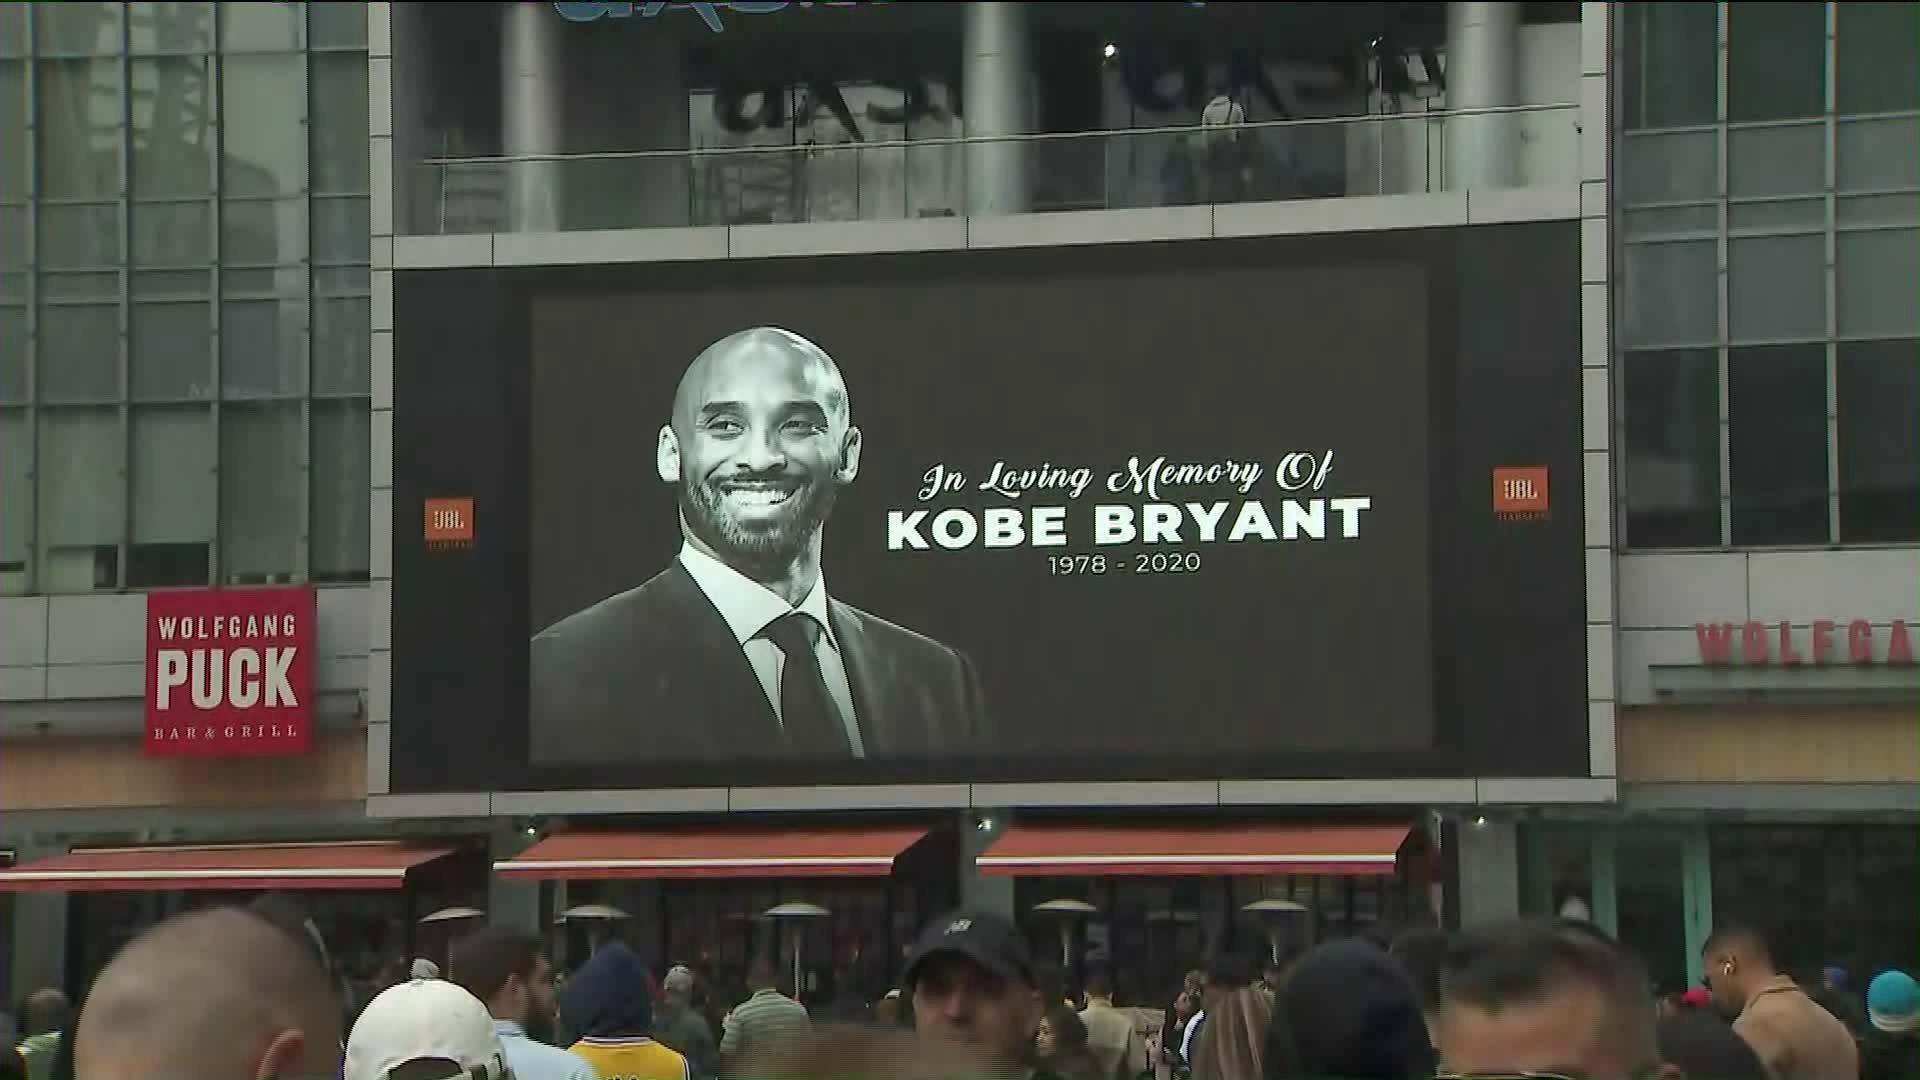 Kobe Bryant Staples Center